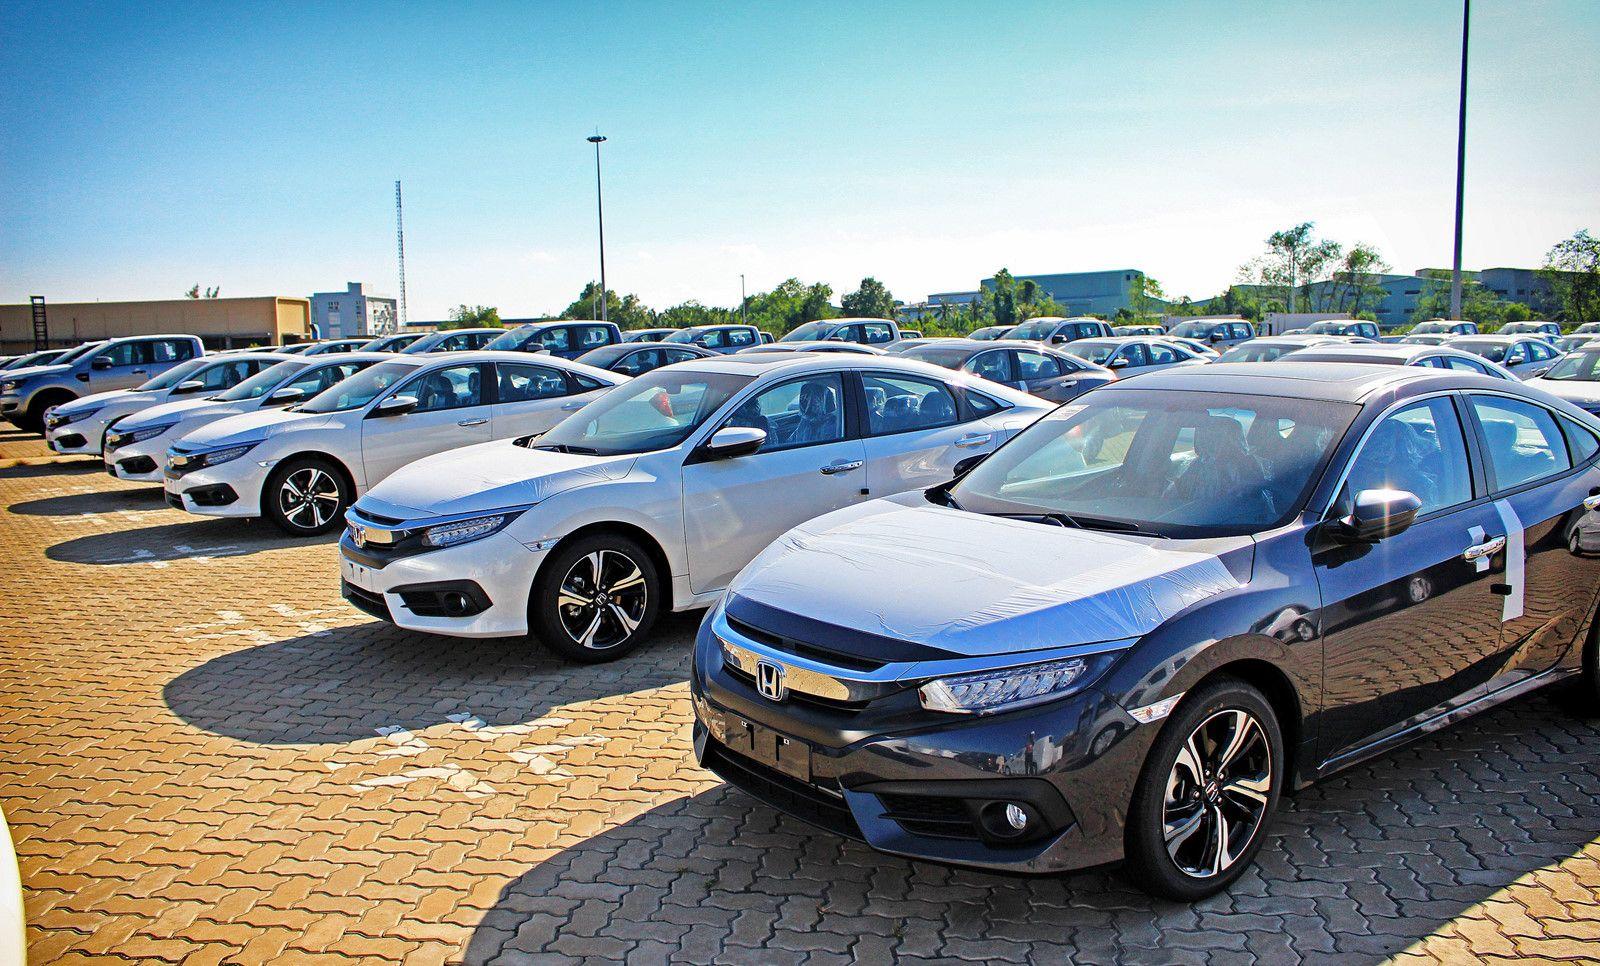 Giáp Tết, lượng ô tô nhập khẩu vào Việt Nam bất ngờ chững lại